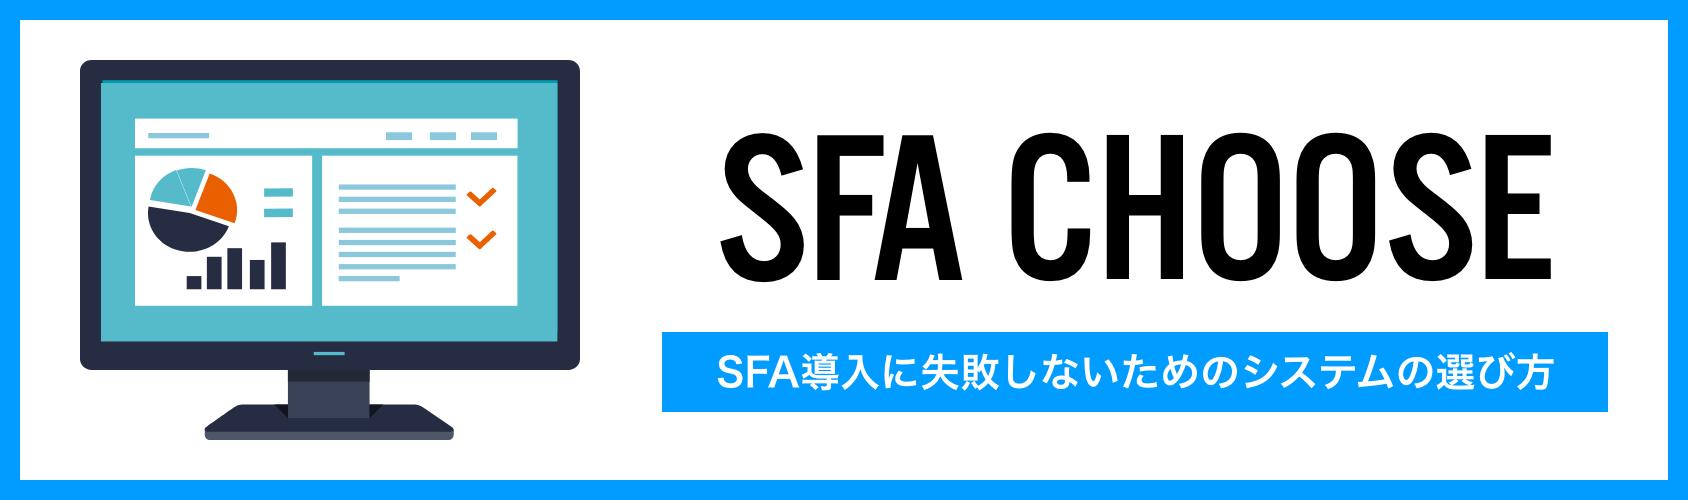 SFA導入に失敗しないためのシステムの選び方